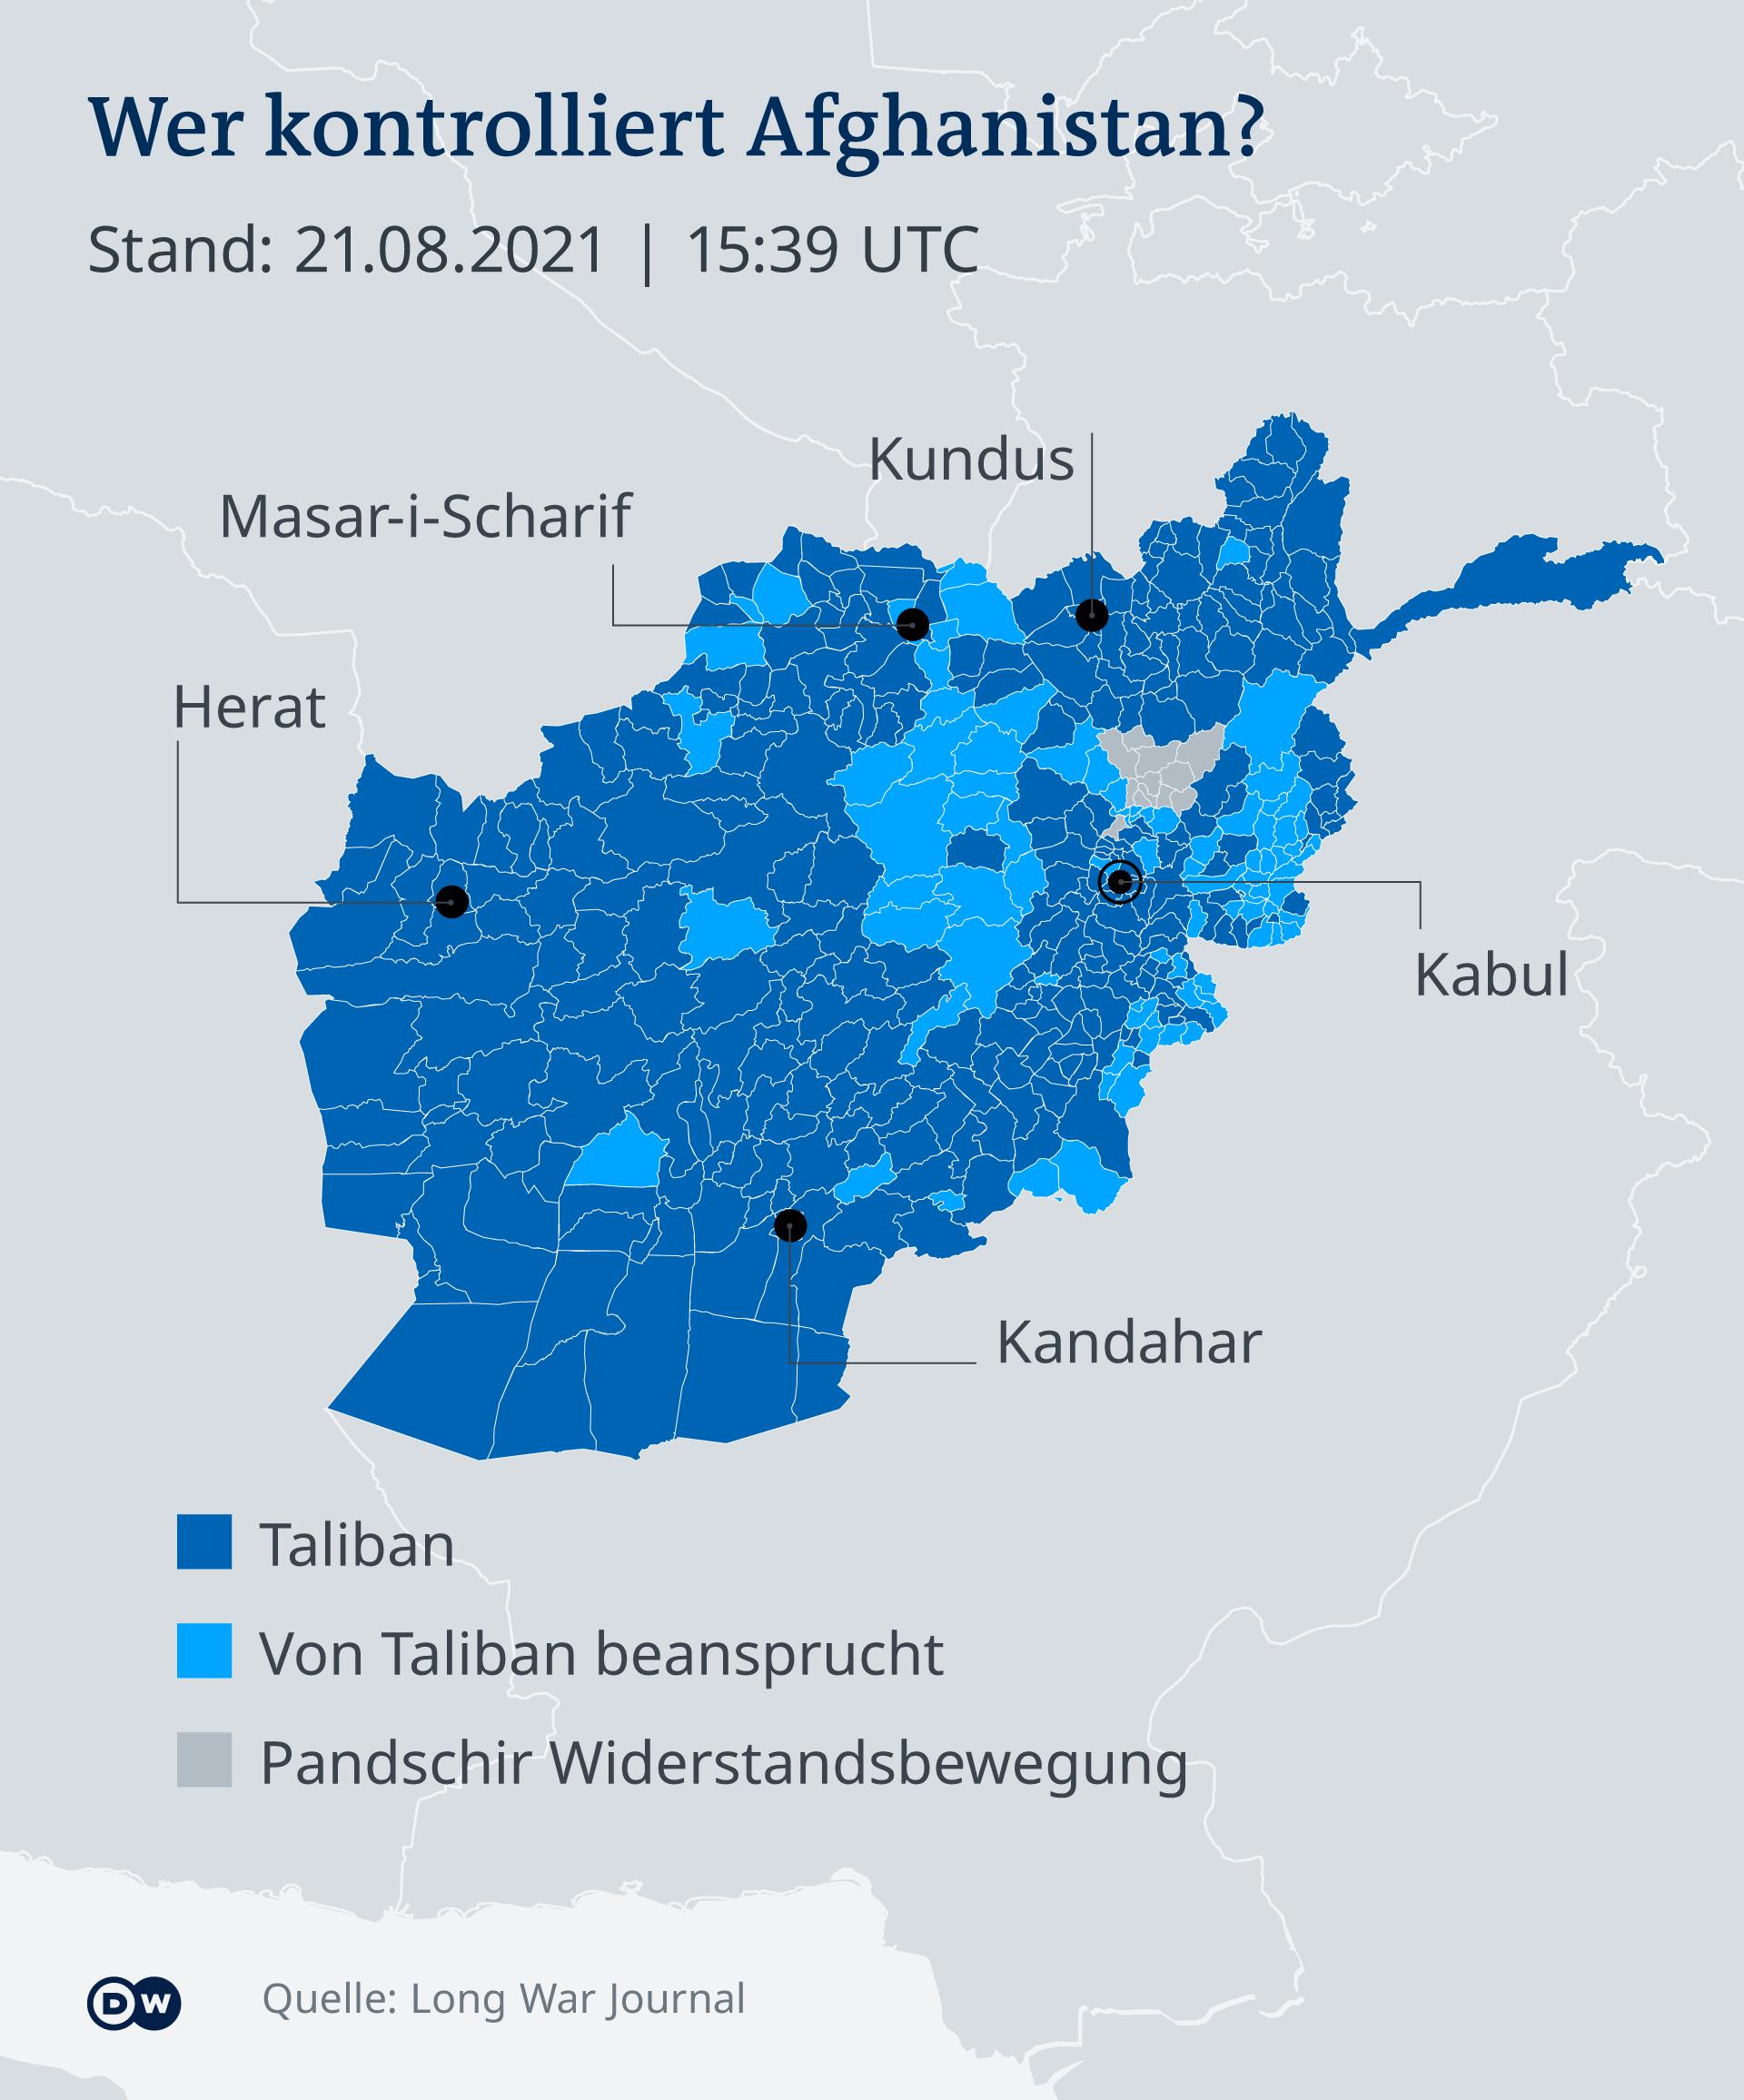 Infografik Wer kontrolliert Afghanistan 21.8.2021 DE